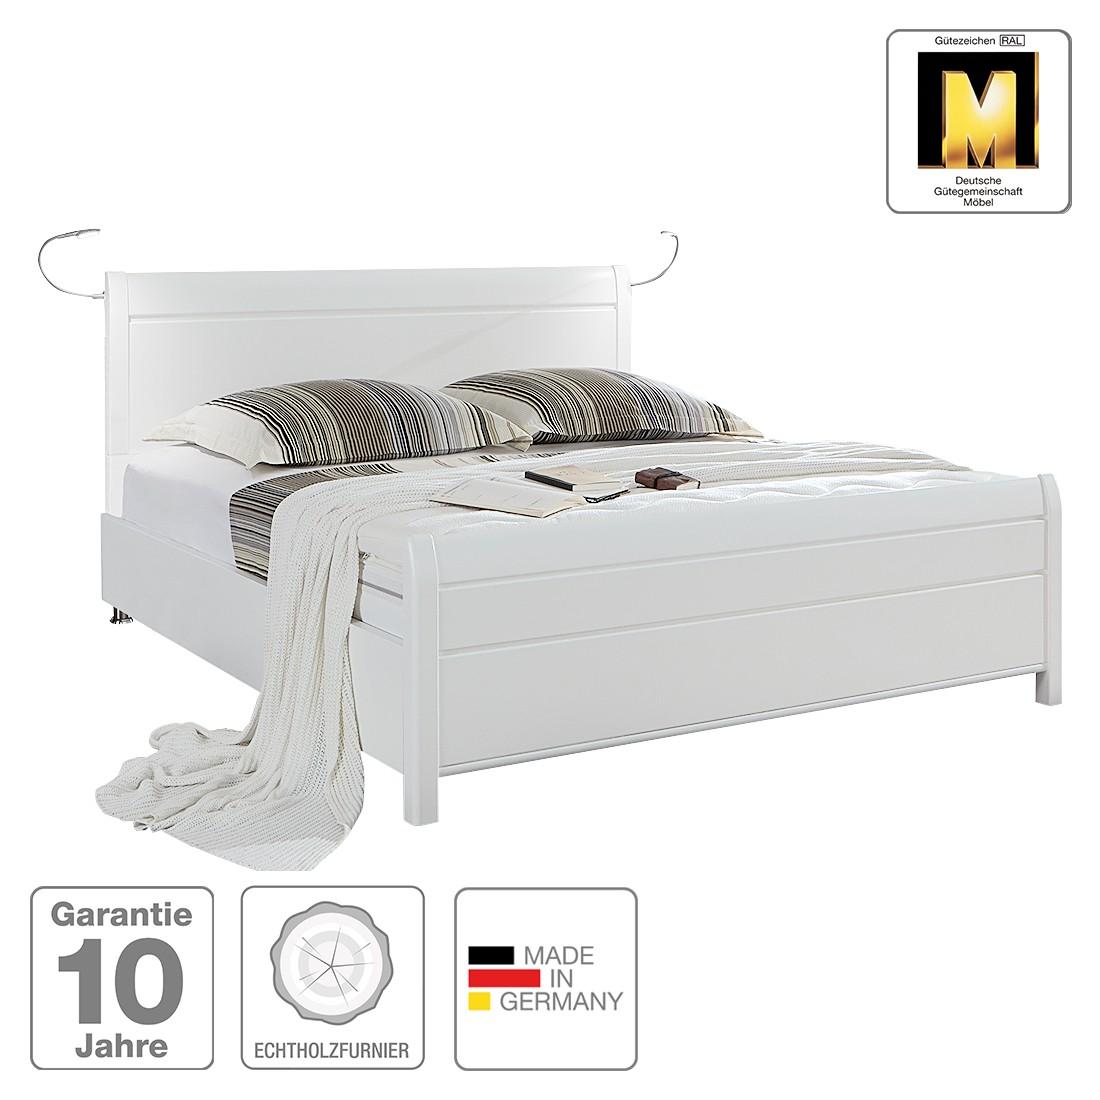 nachttisch mit led beleuchtung amazing die optionale ist sehr sparsam im with nachttisch mit. Black Bedroom Furniture Sets. Home Design Ideas